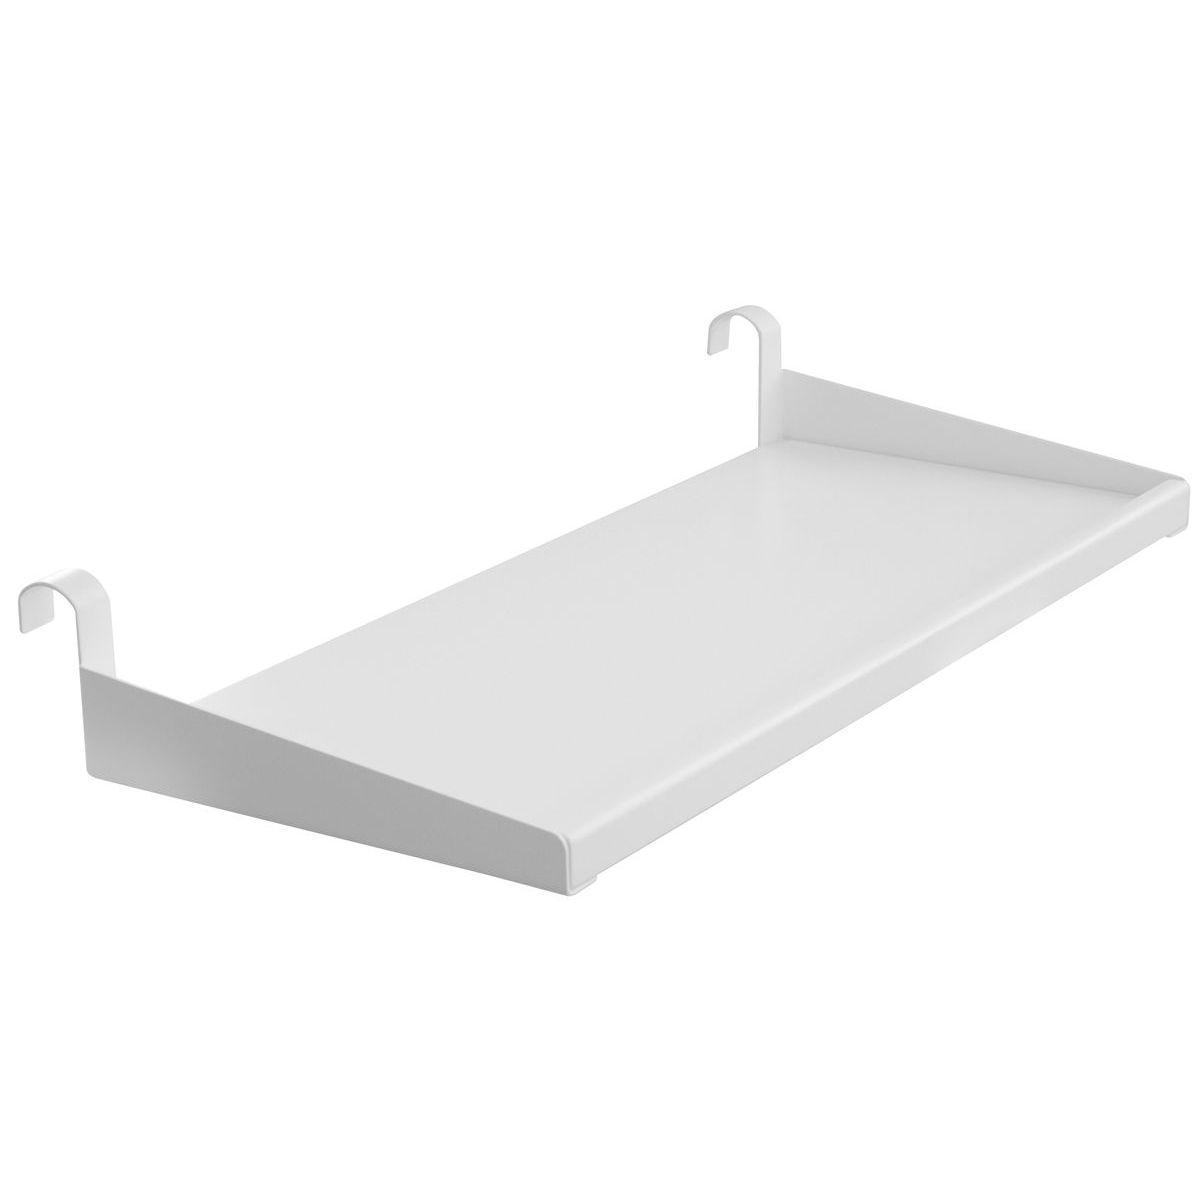 Nachttisch zum Einhängen WHITE by Flexa weiß